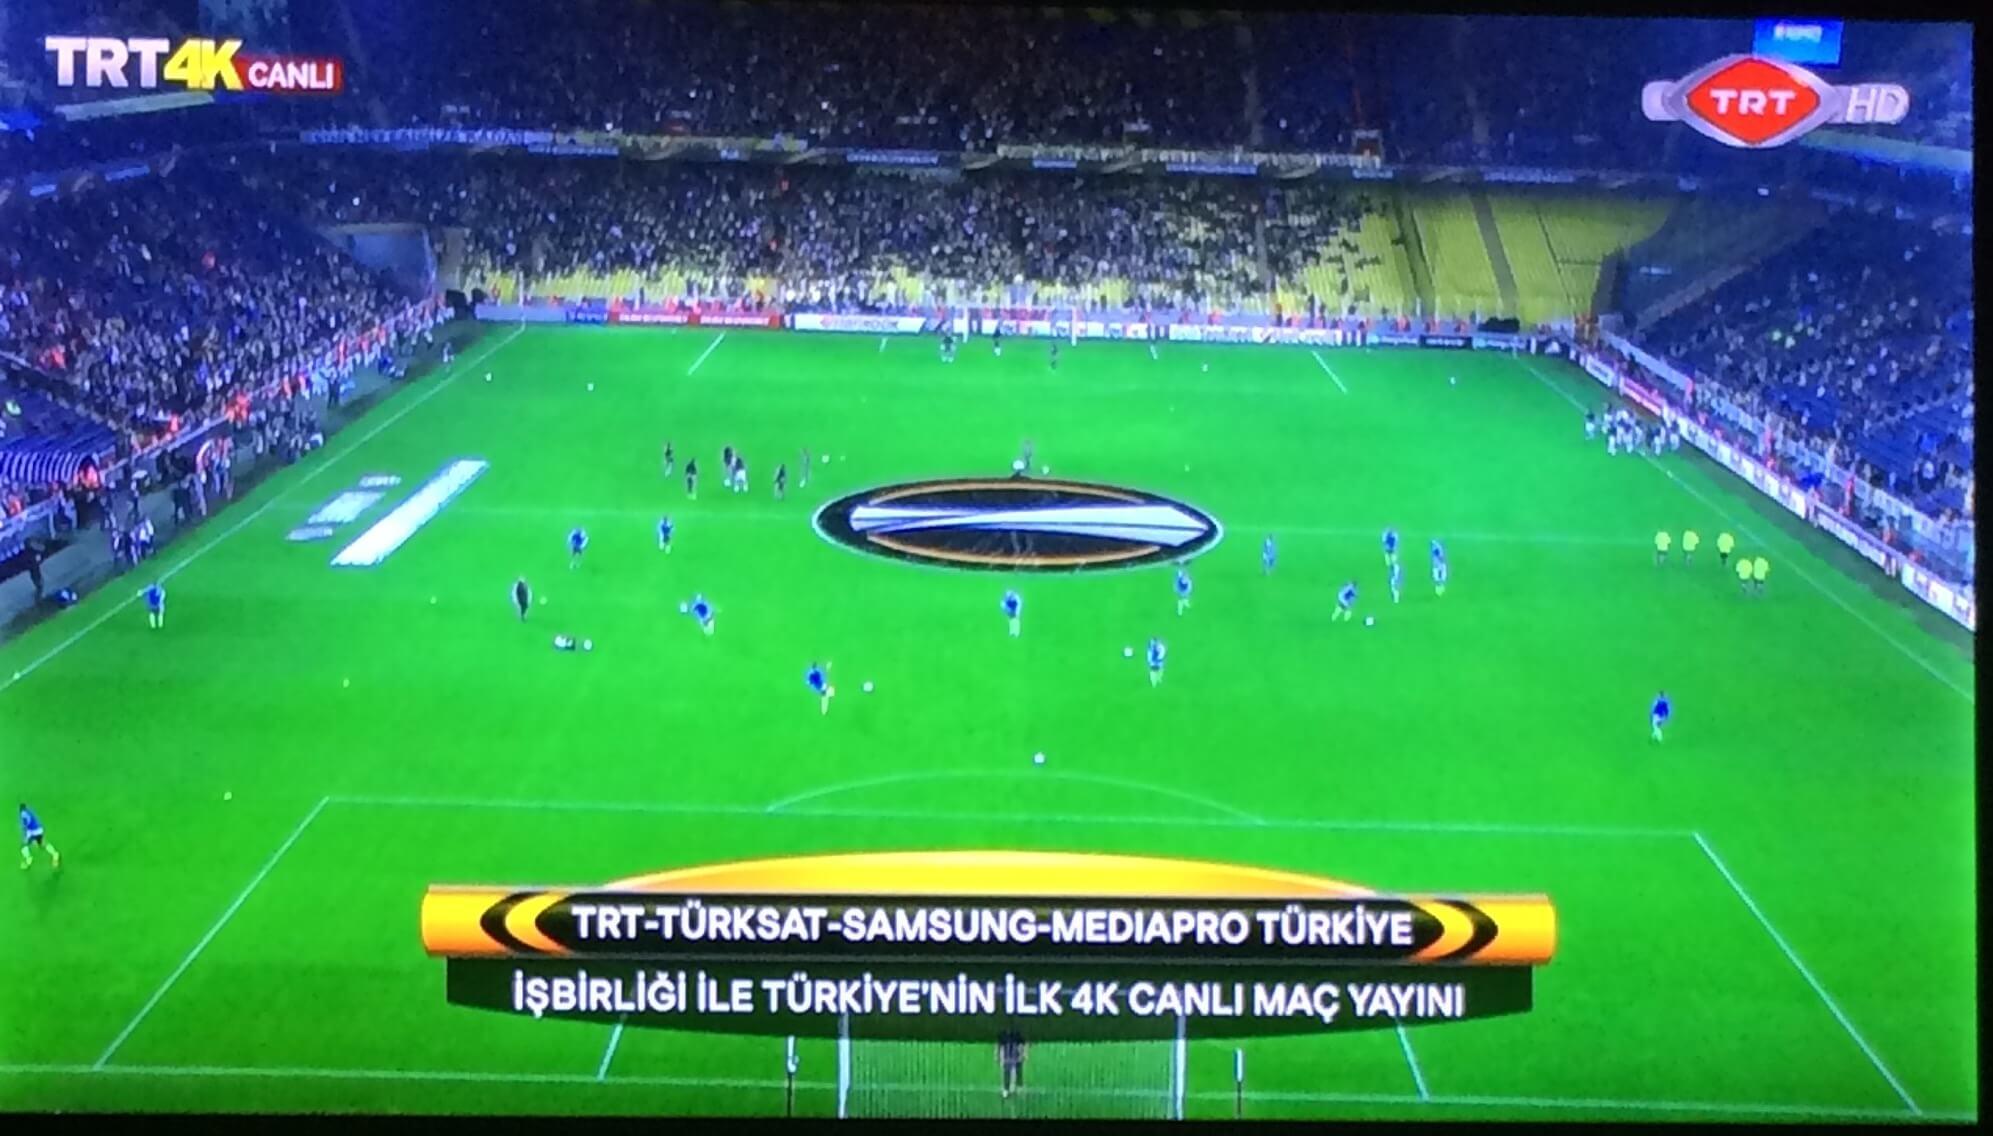 TRT 1 Canlı izle  Canlı TV izle  Donmadan Kesintisiz HD